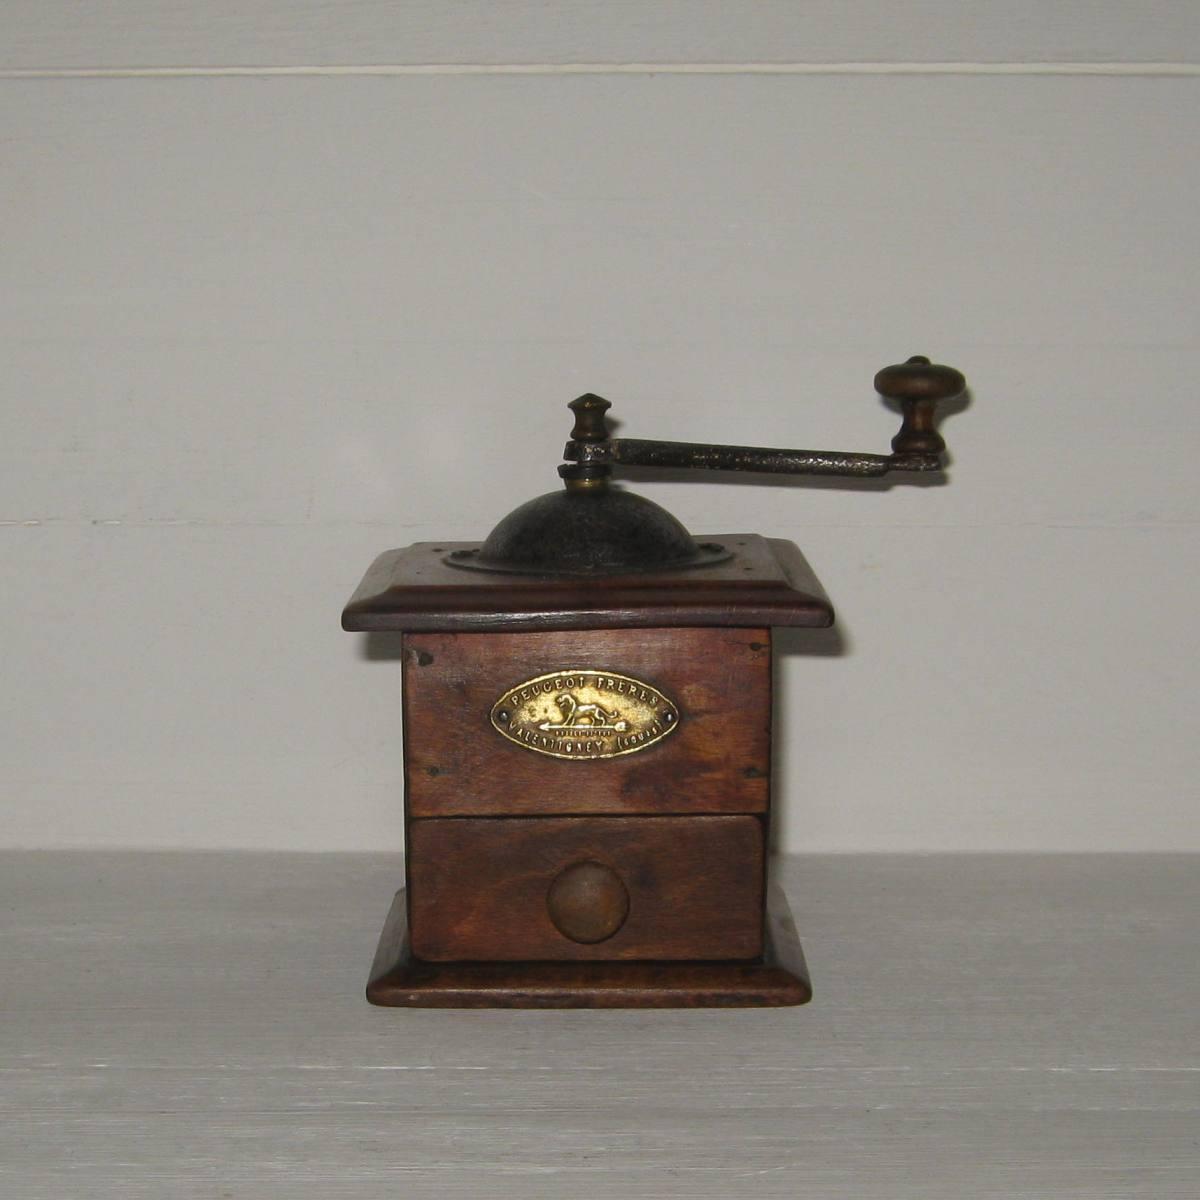 Ancien moulin a poivre en bois de marque peugeot freres valentigney doubs modele depose 1